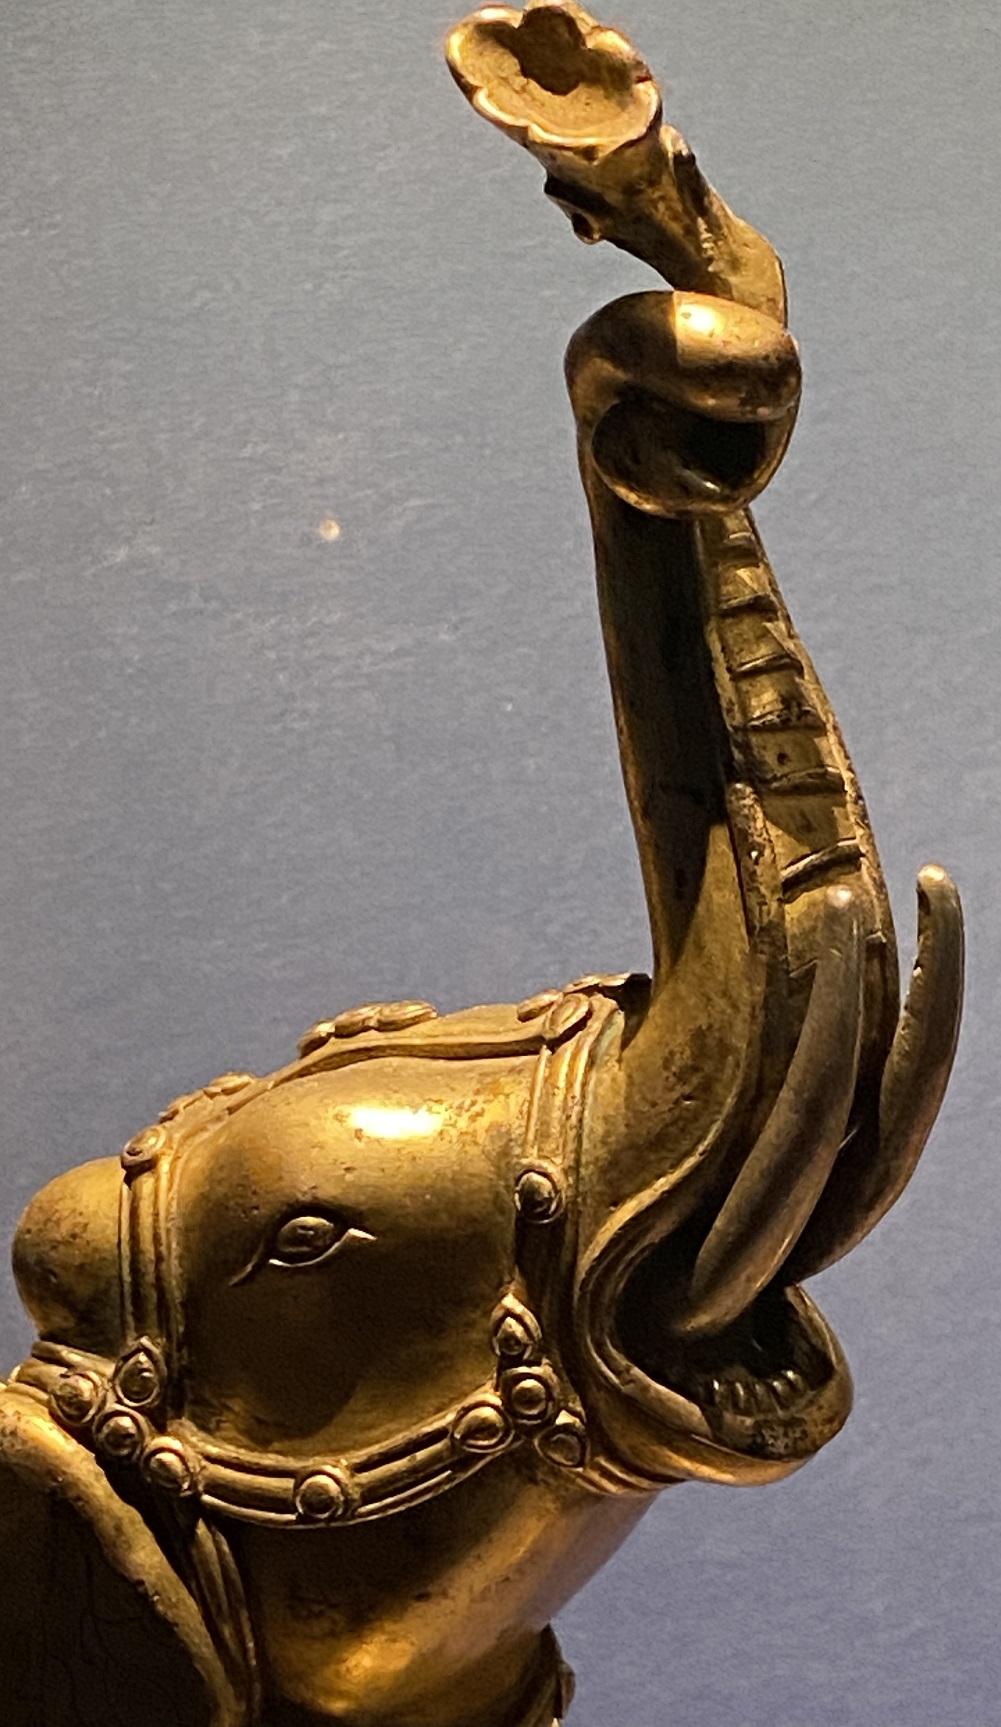 銅鎏金大象-特別展【七宝玲瓏-ヒマラヤからの芸術珍品】-金沙遺跡博物館-成都